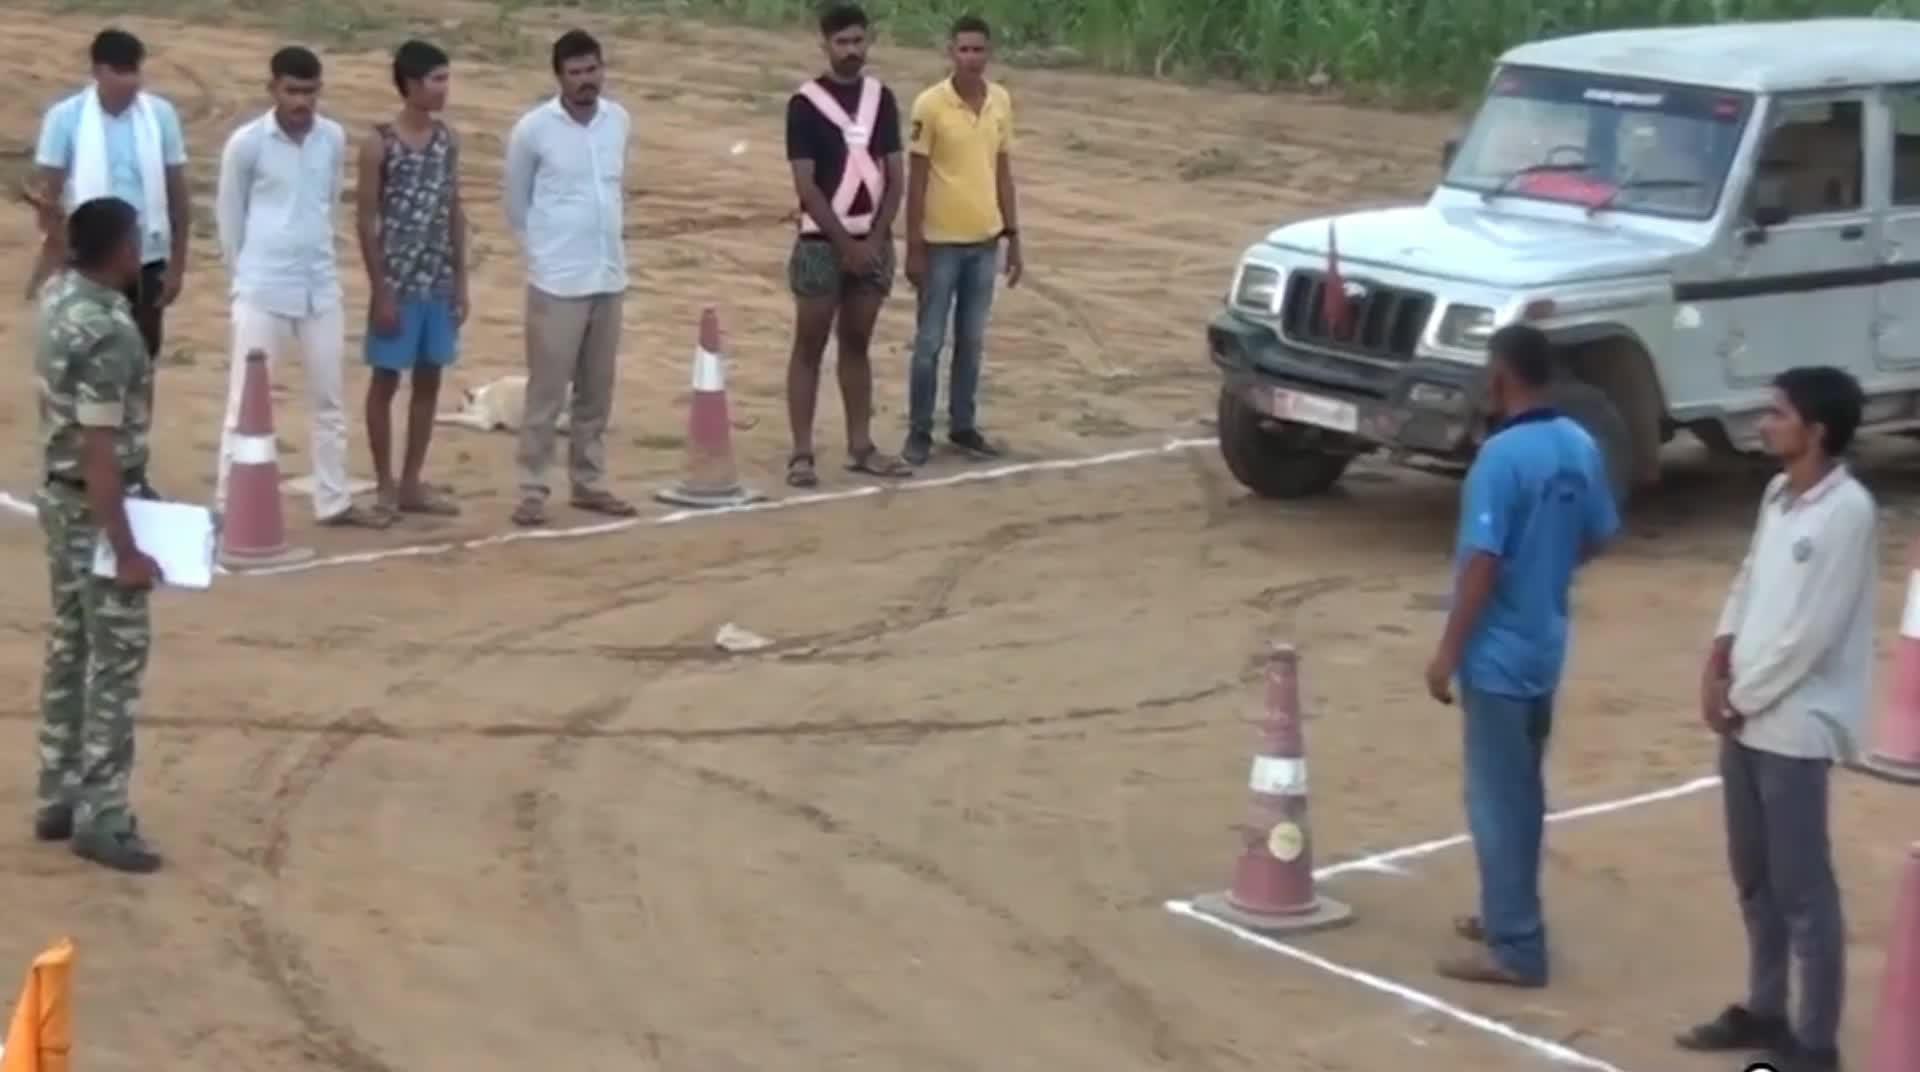 印度警察驾考只考两个项目, 中国考生感慨: 印度警察驾考太水了